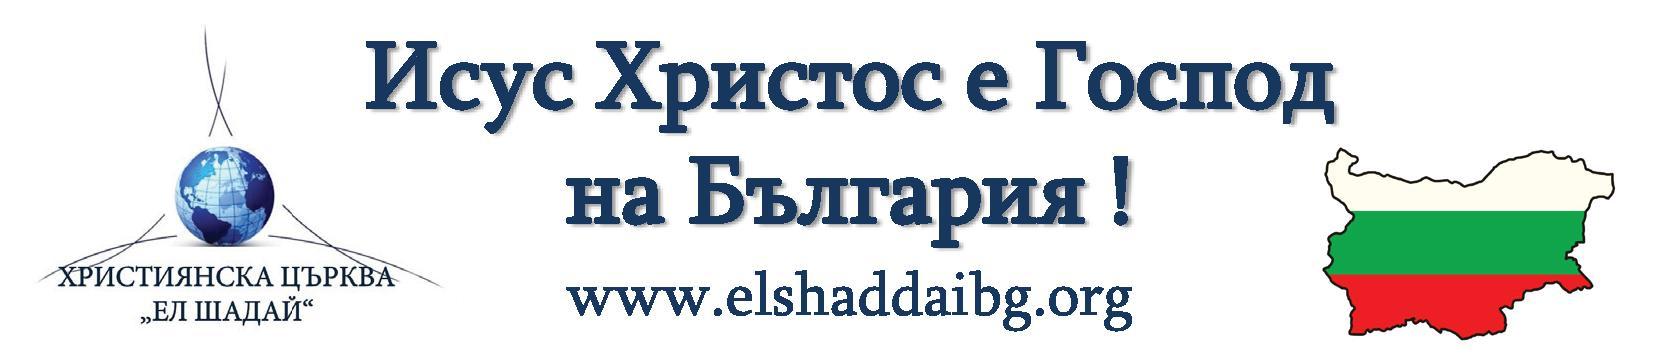 """Стикер """"Исус Христос е Господ на България!"""""""